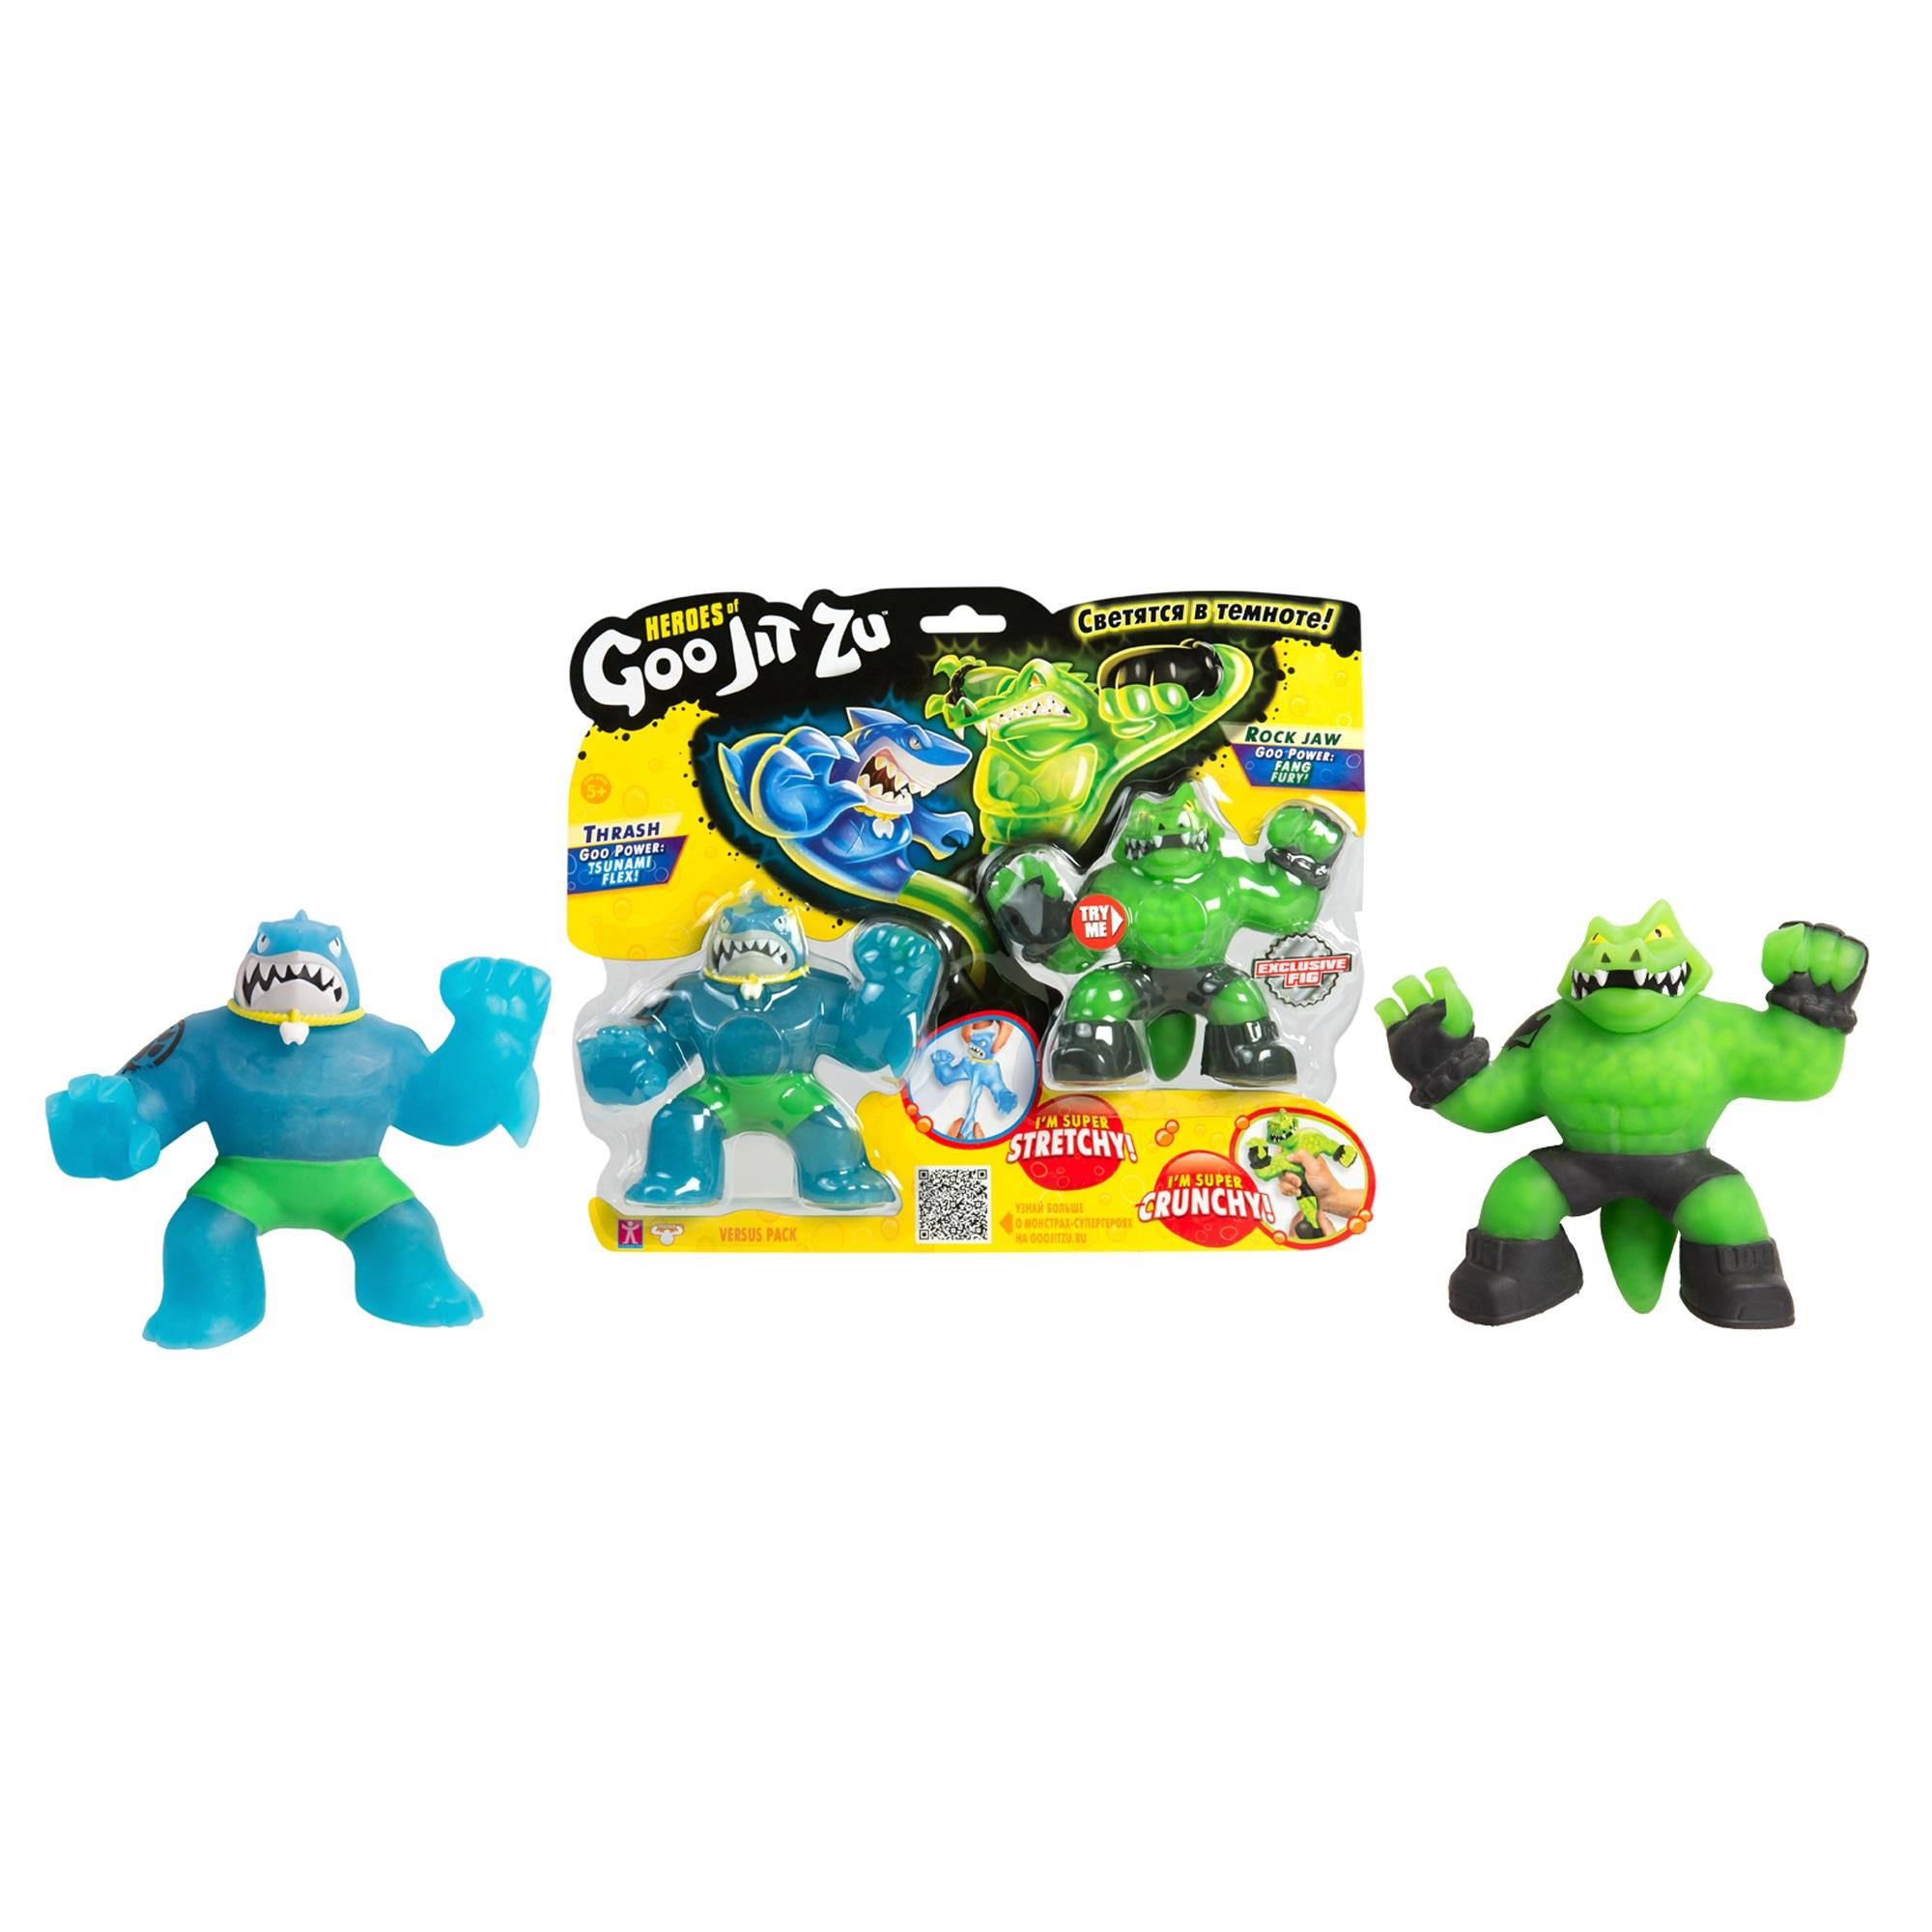 Купить Игровой набор с 2 тянущимися фигурками из серии Гуджитсу – Траш и Рок Джо, 12 см., светятся в темноте, GooJitZu